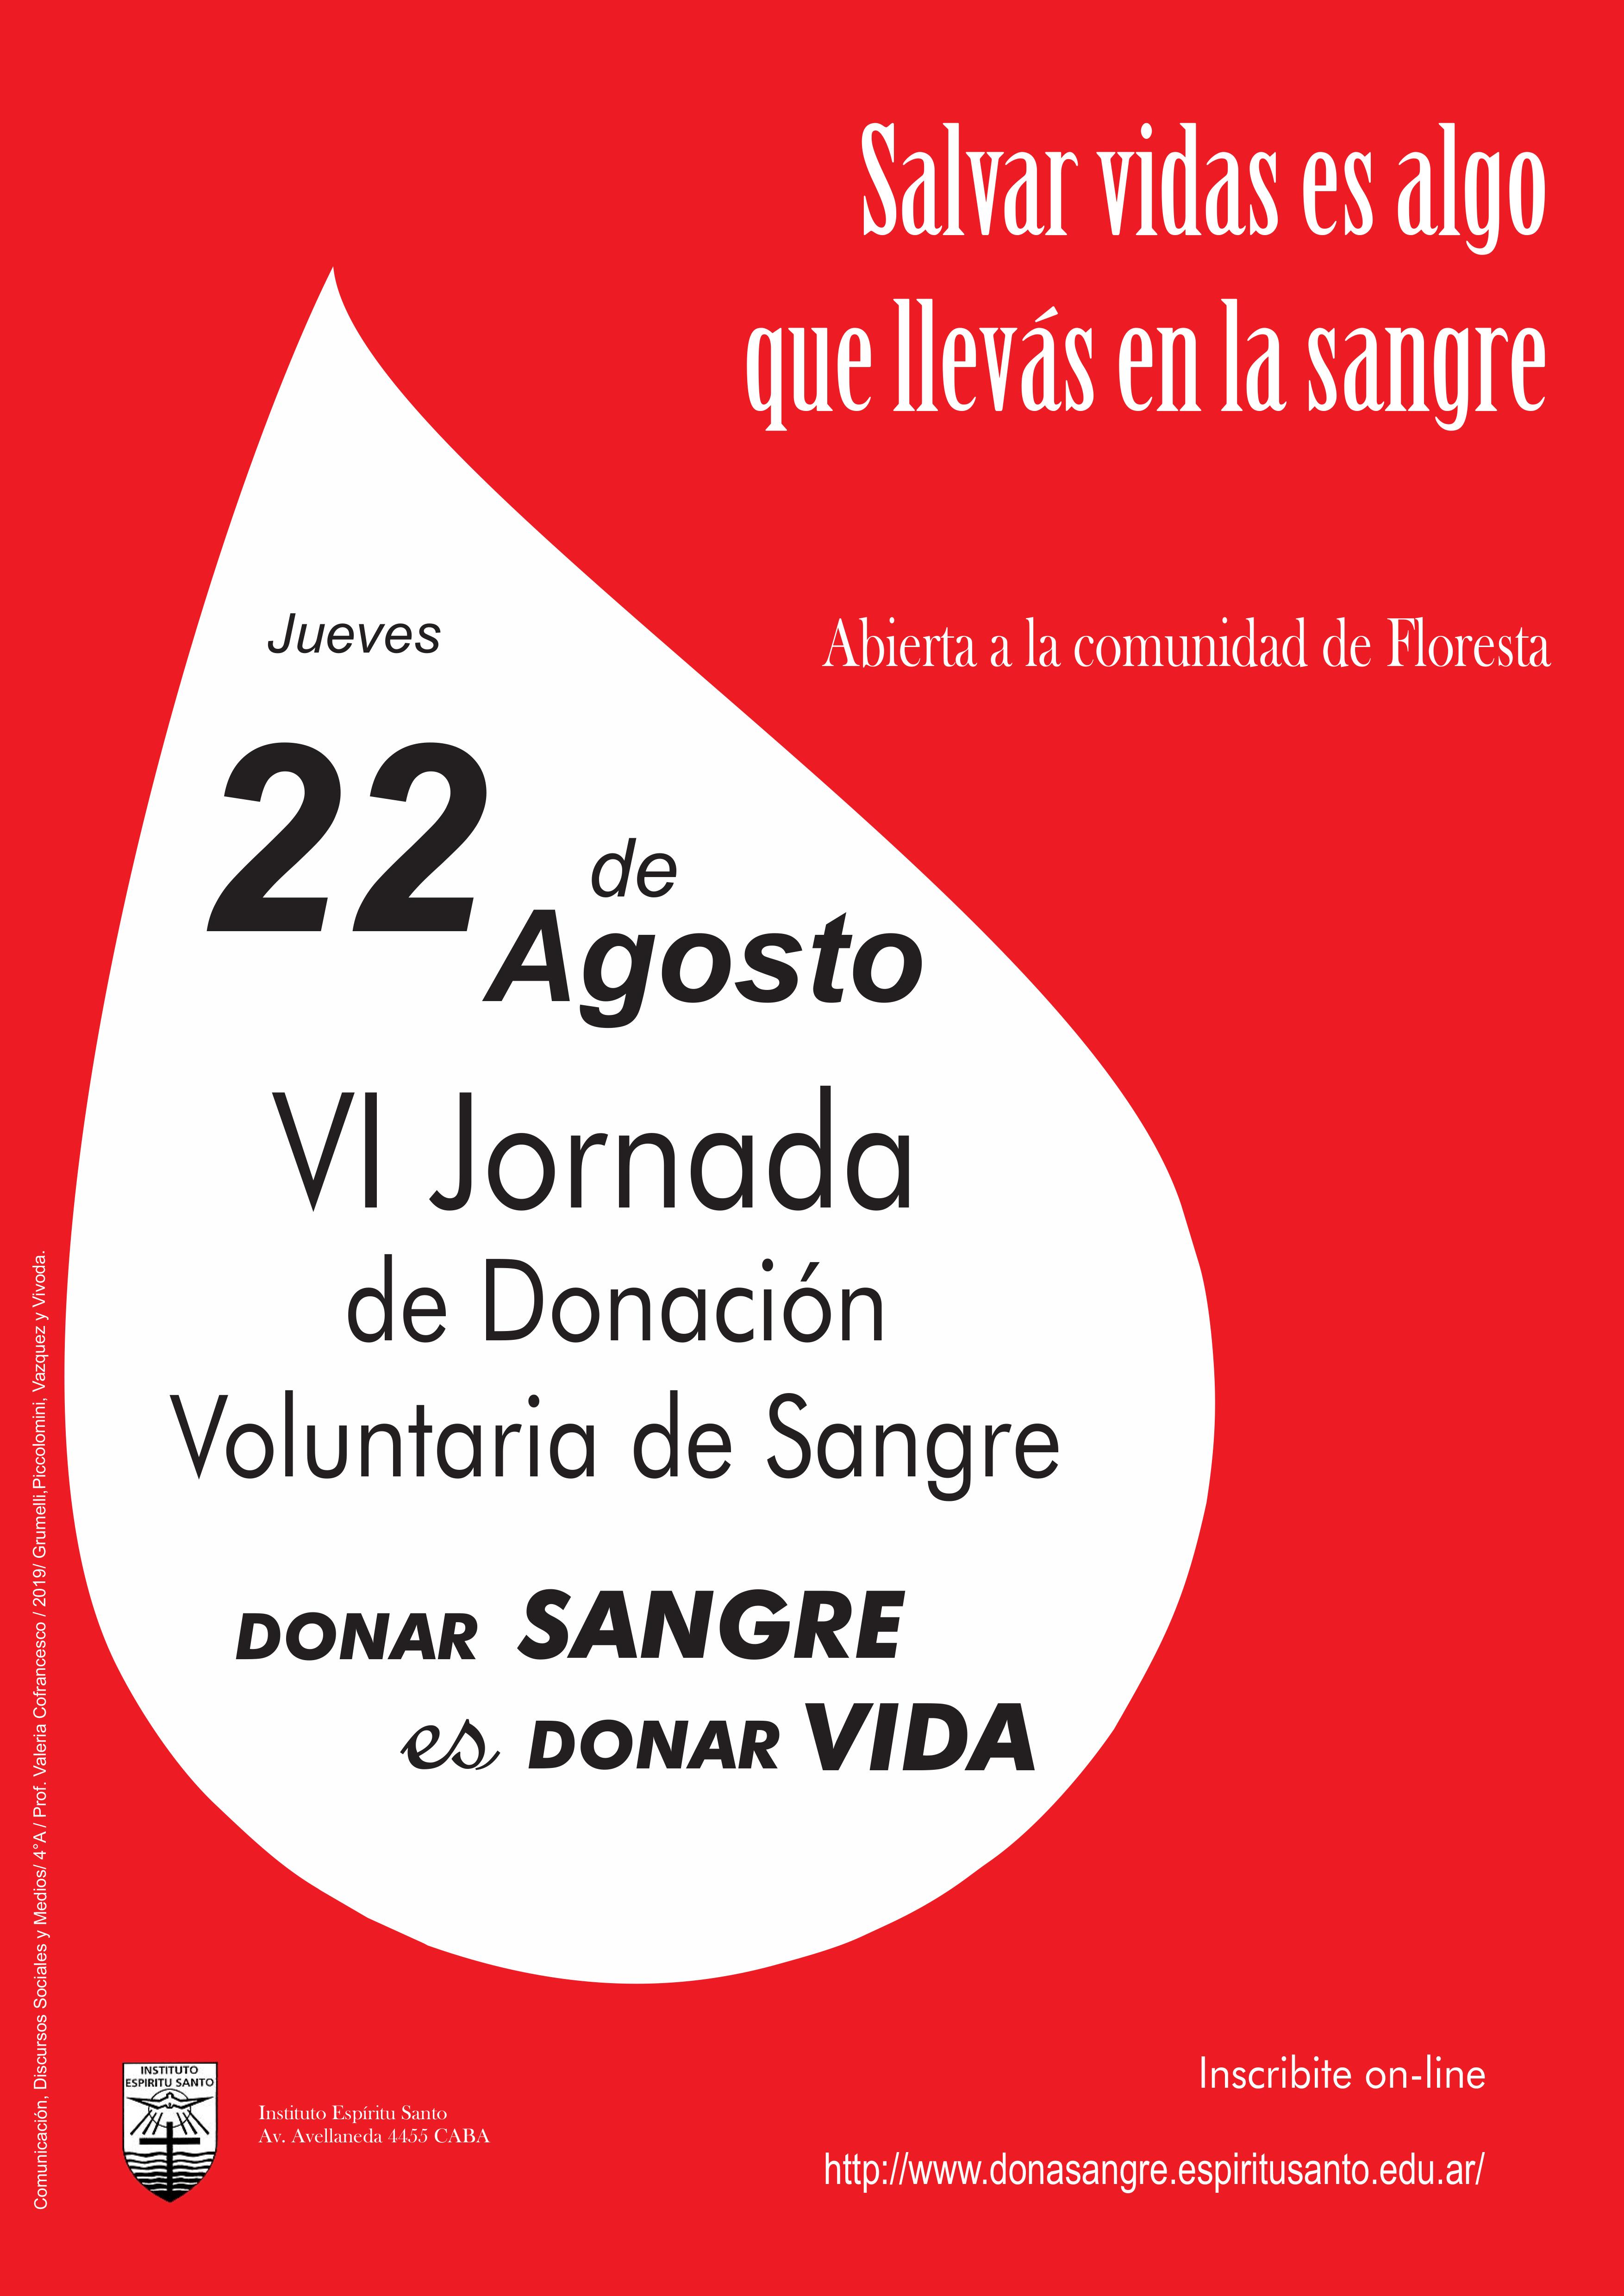 VI Jornada de Donación de Sangre